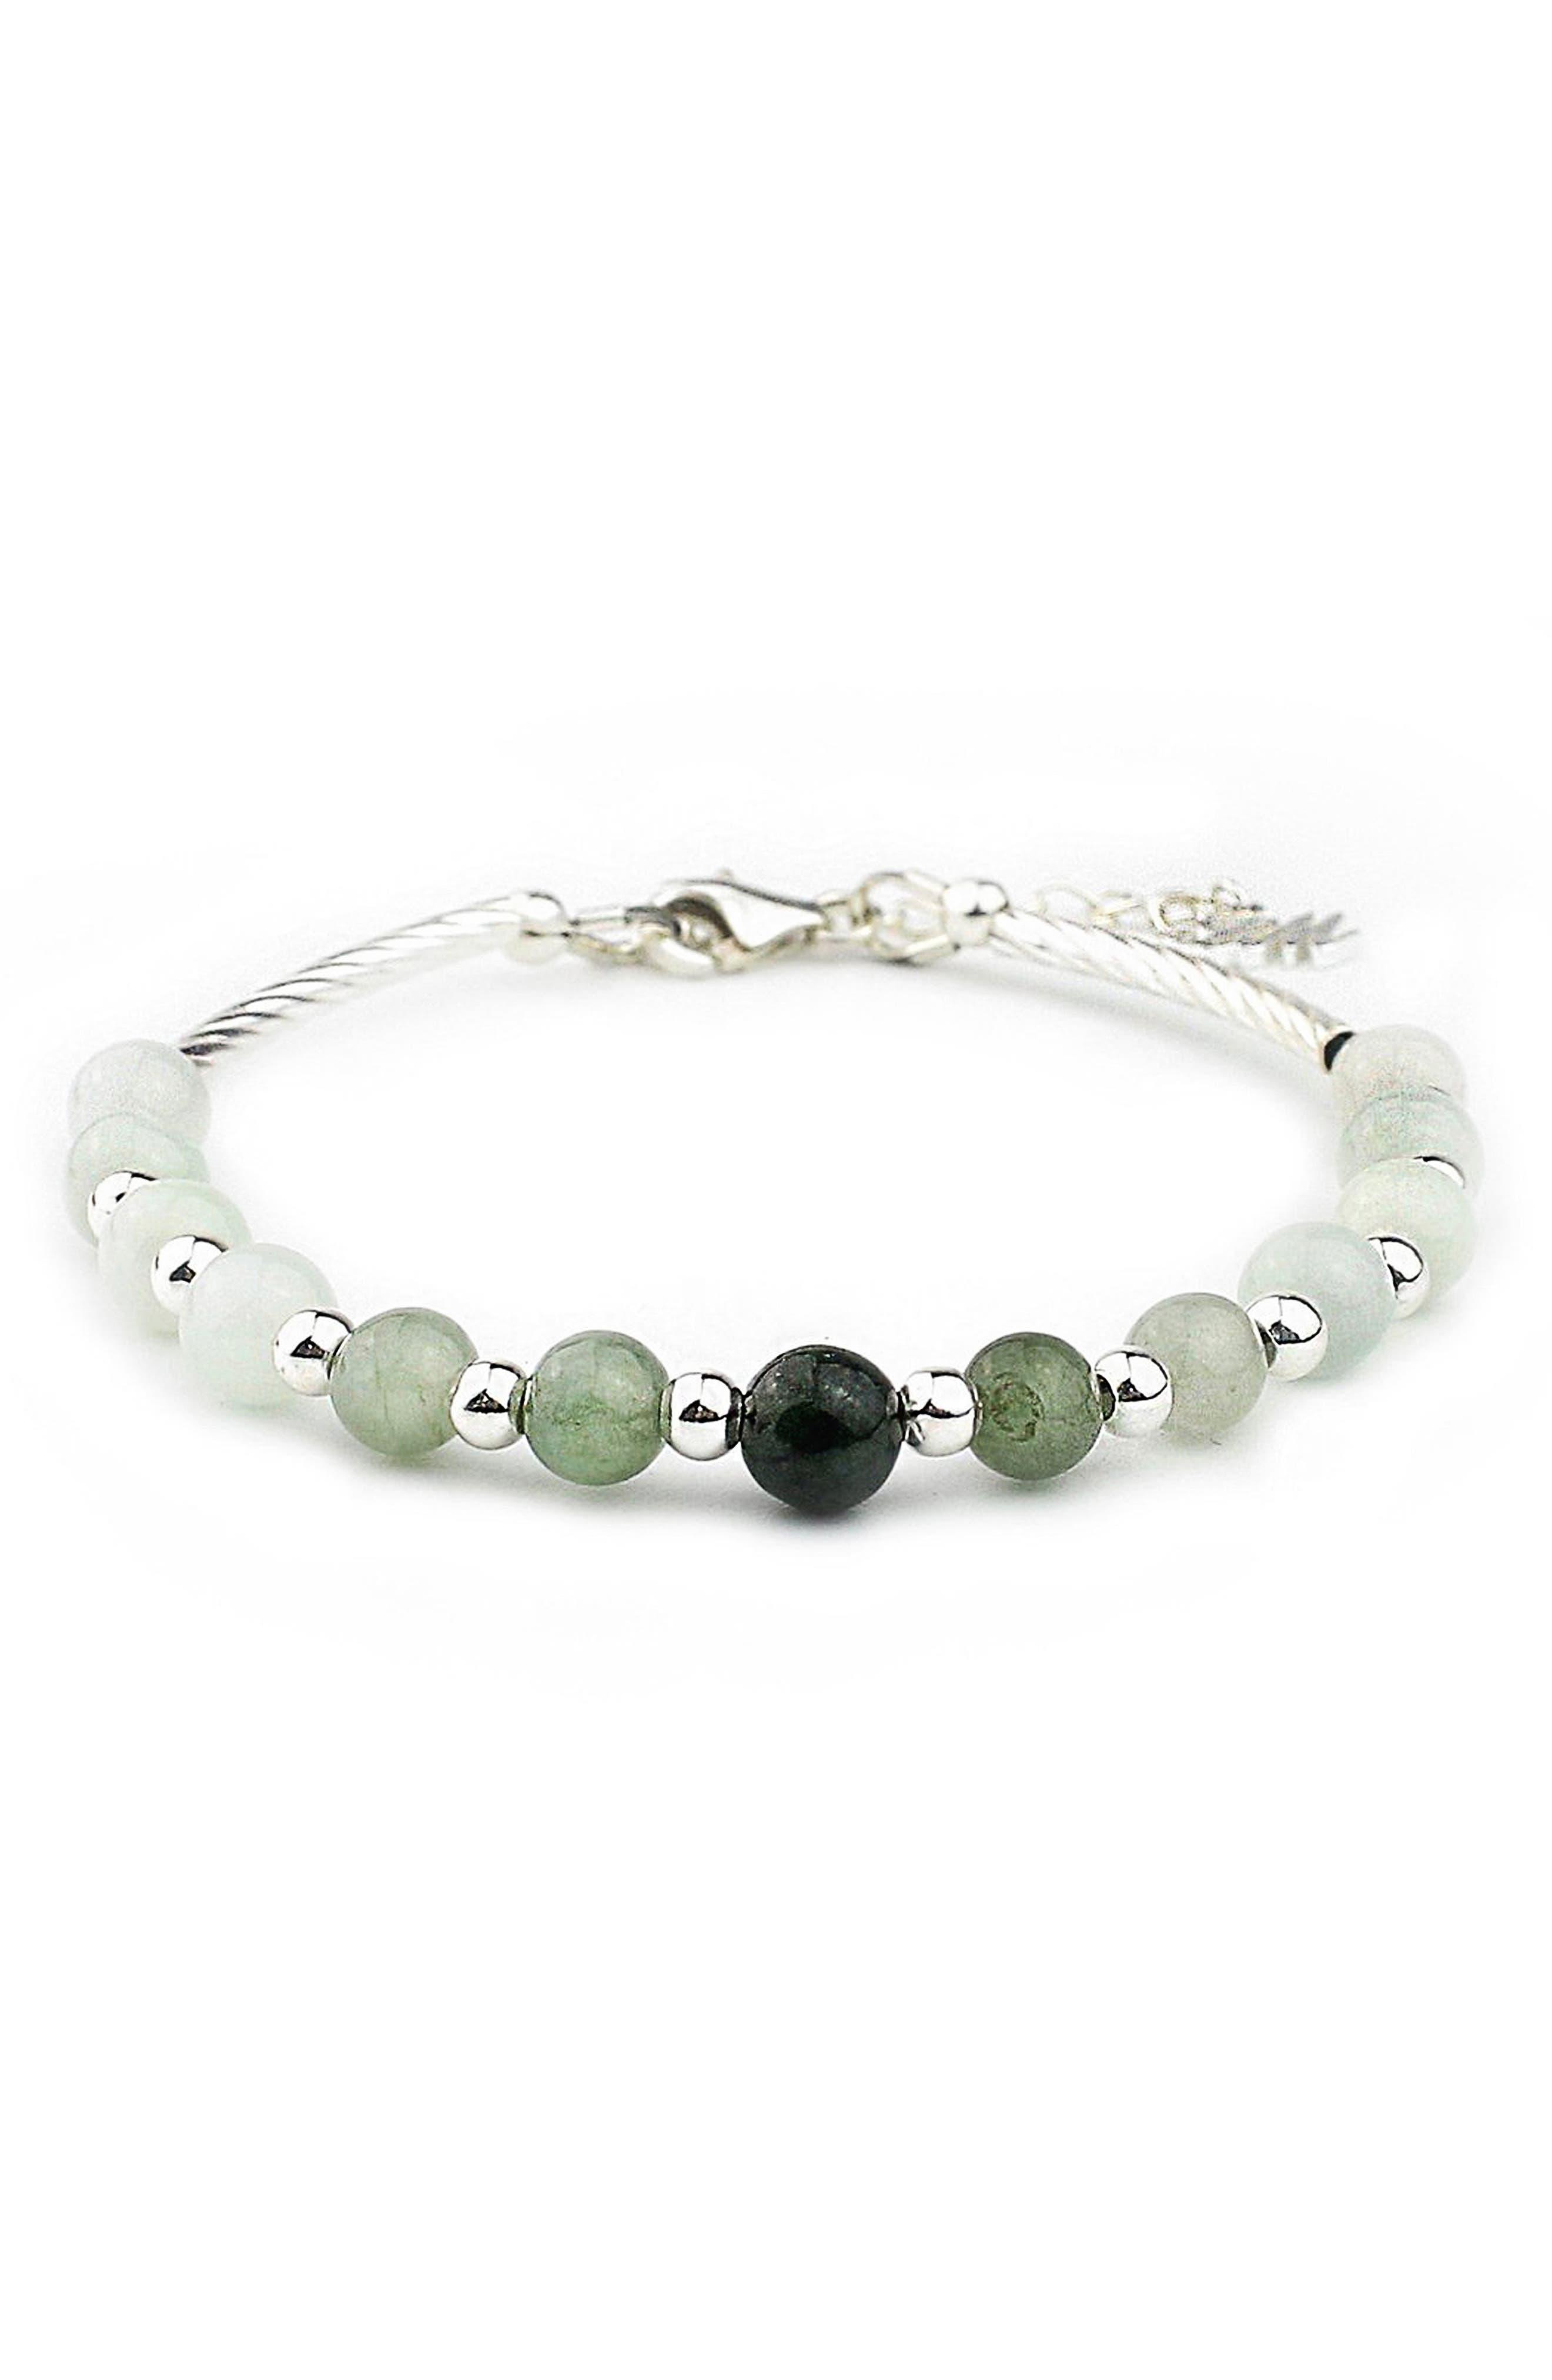 Green Forest Energy Stone Bracelet